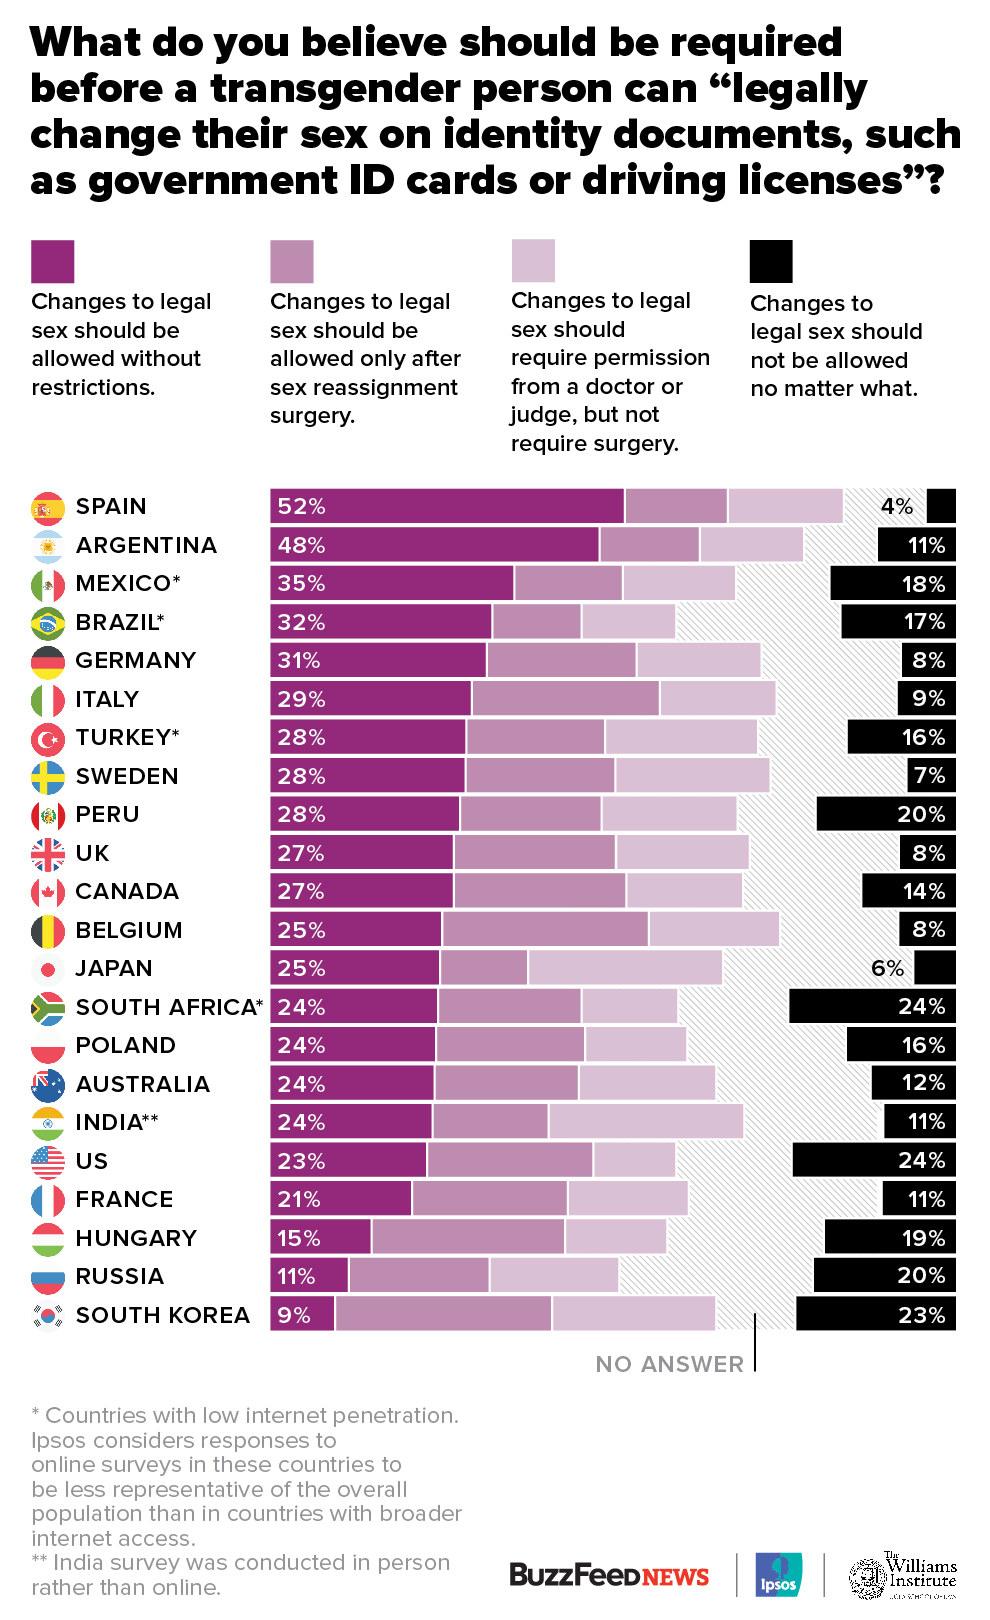 En casi todos los países encuestados, menos de la mitad de los encuestados dijeron que creen que las personas deben tener un control total sobre su propia designación legal de género: